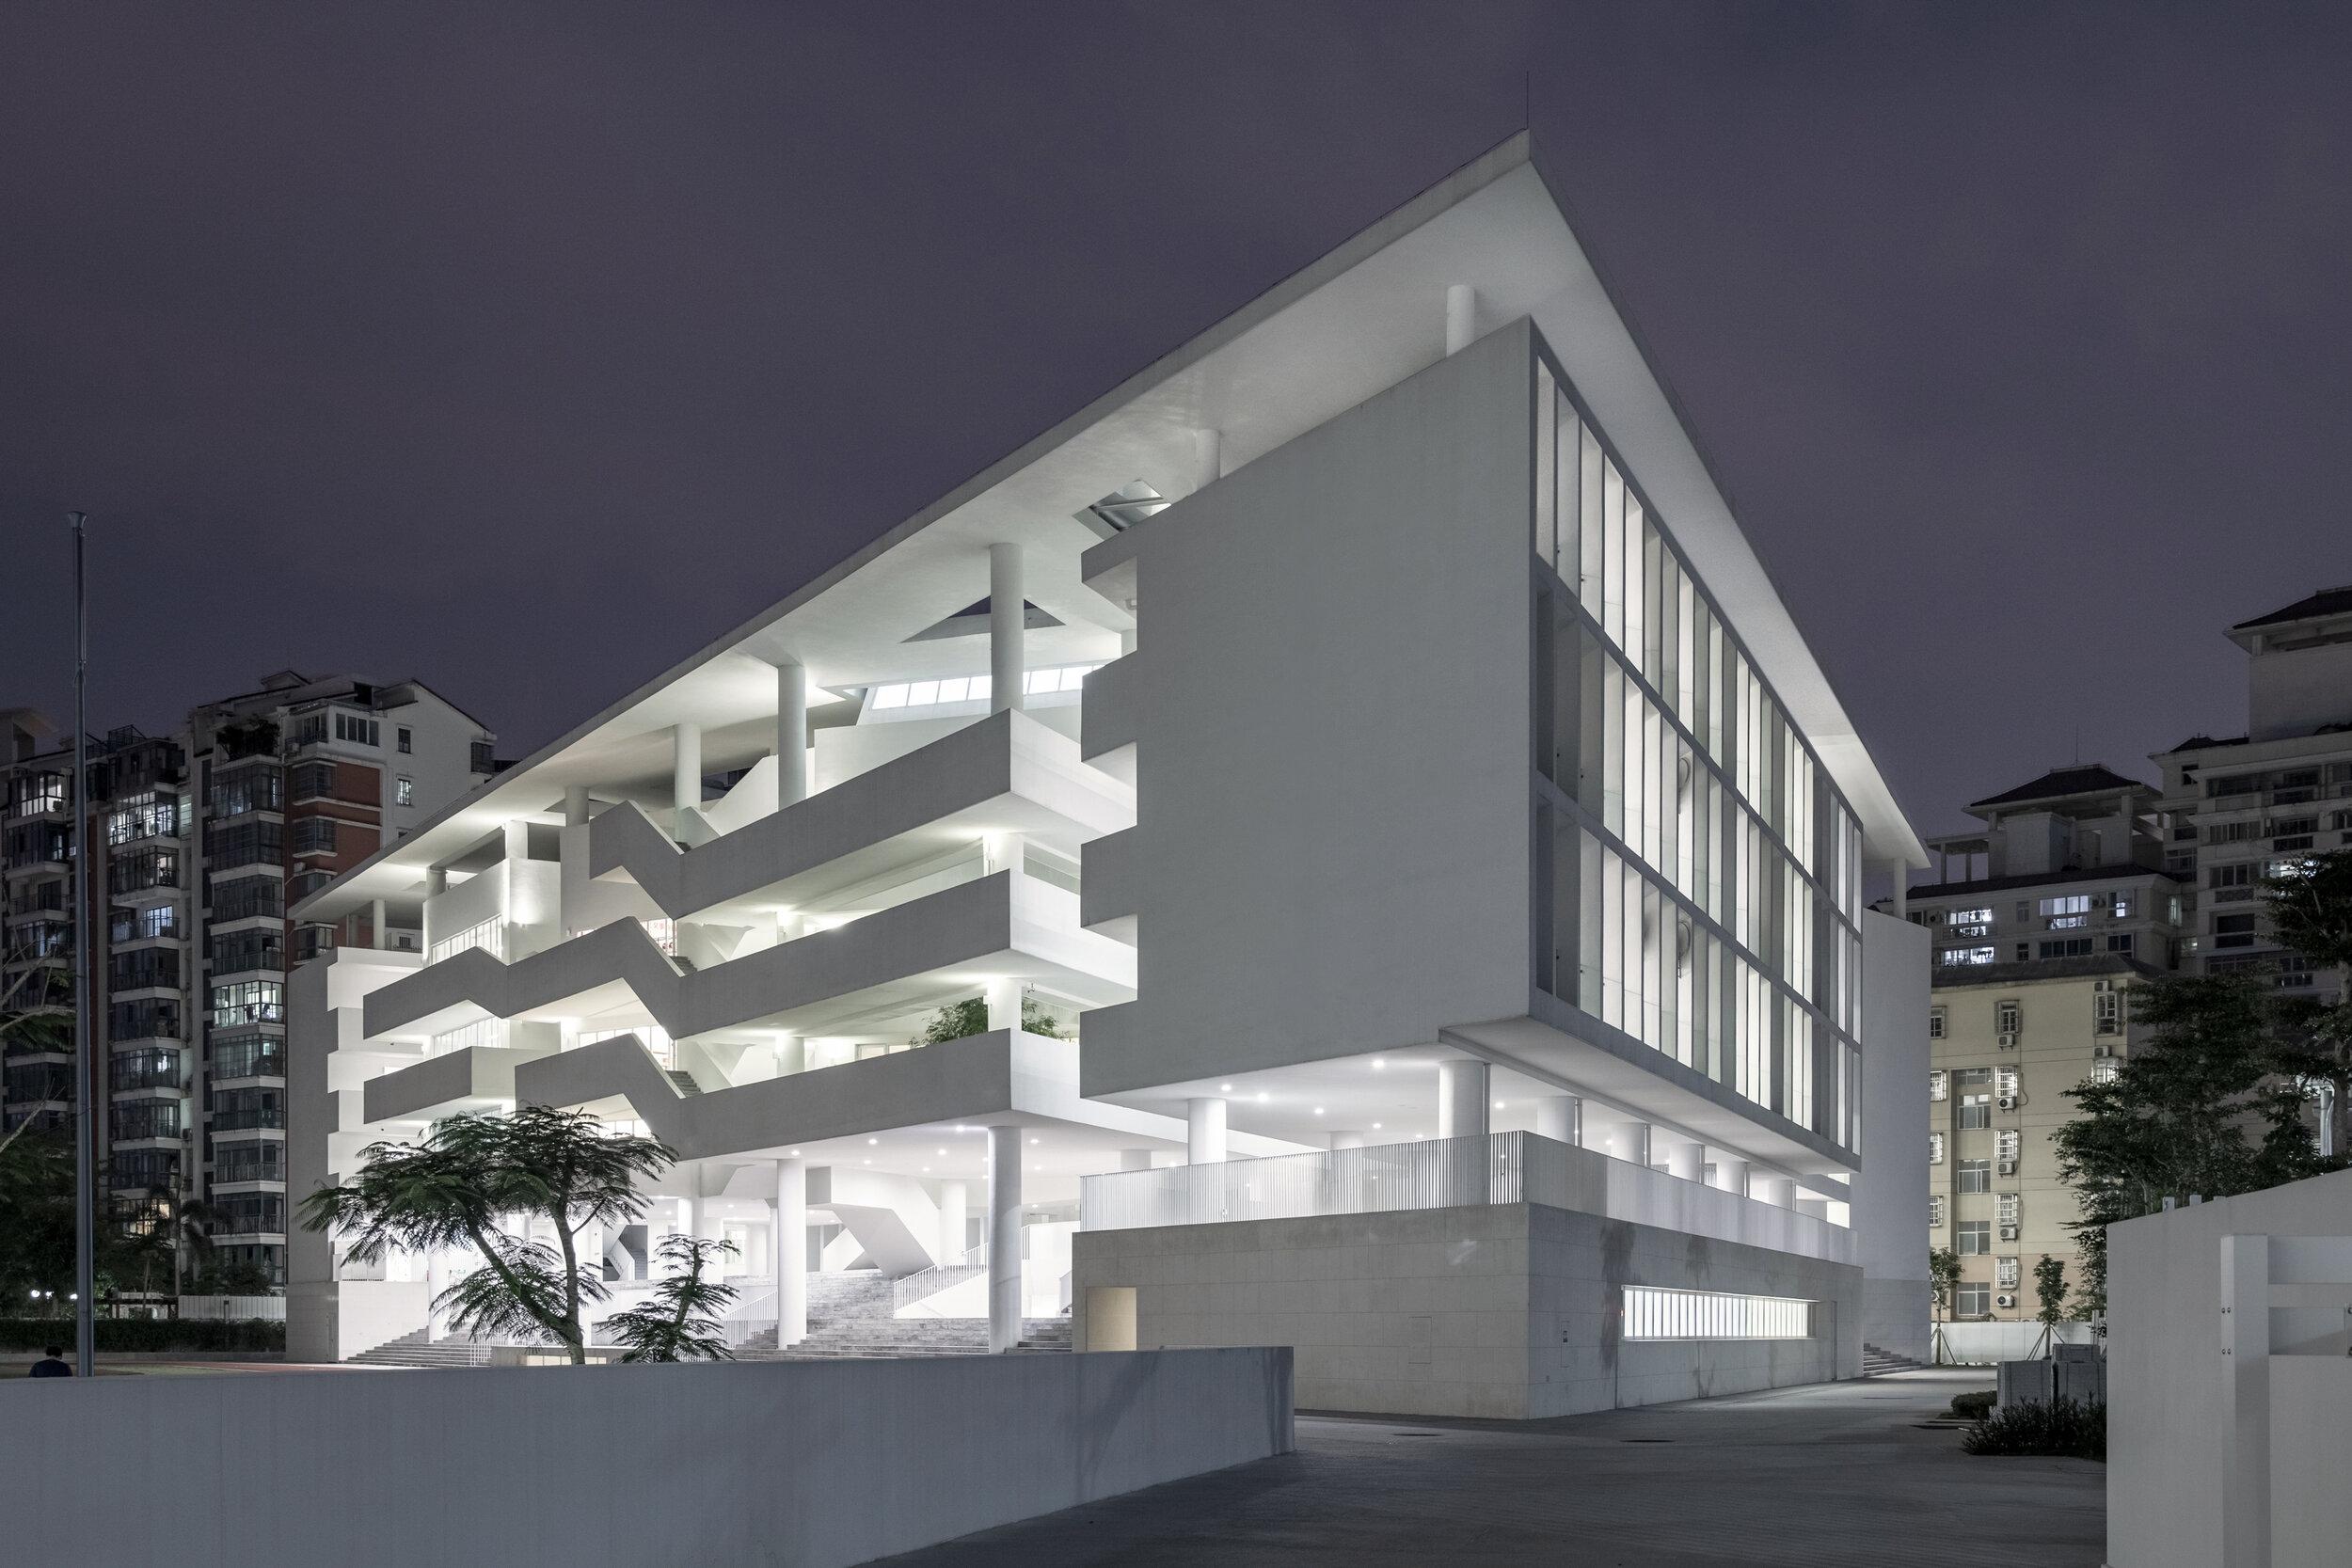 36 教學樓夜景 ?是然建筑攝影 Night view of the teaching block ?Schran Images.jpg